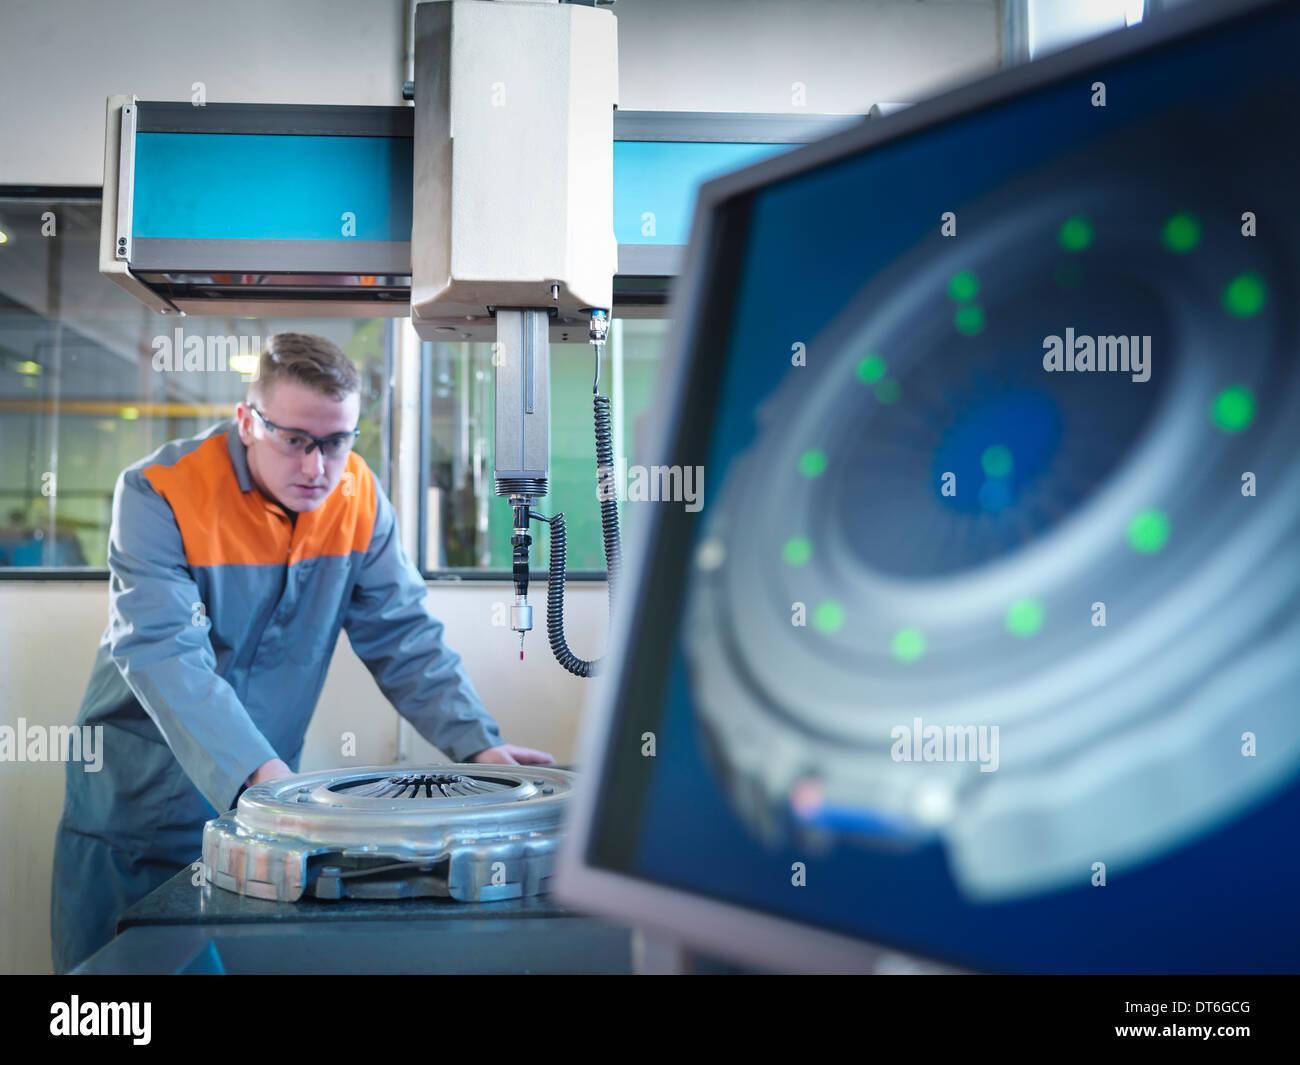 Trabajador utilizando el dispositivo de medición en la fábrica. Imagen De Stock